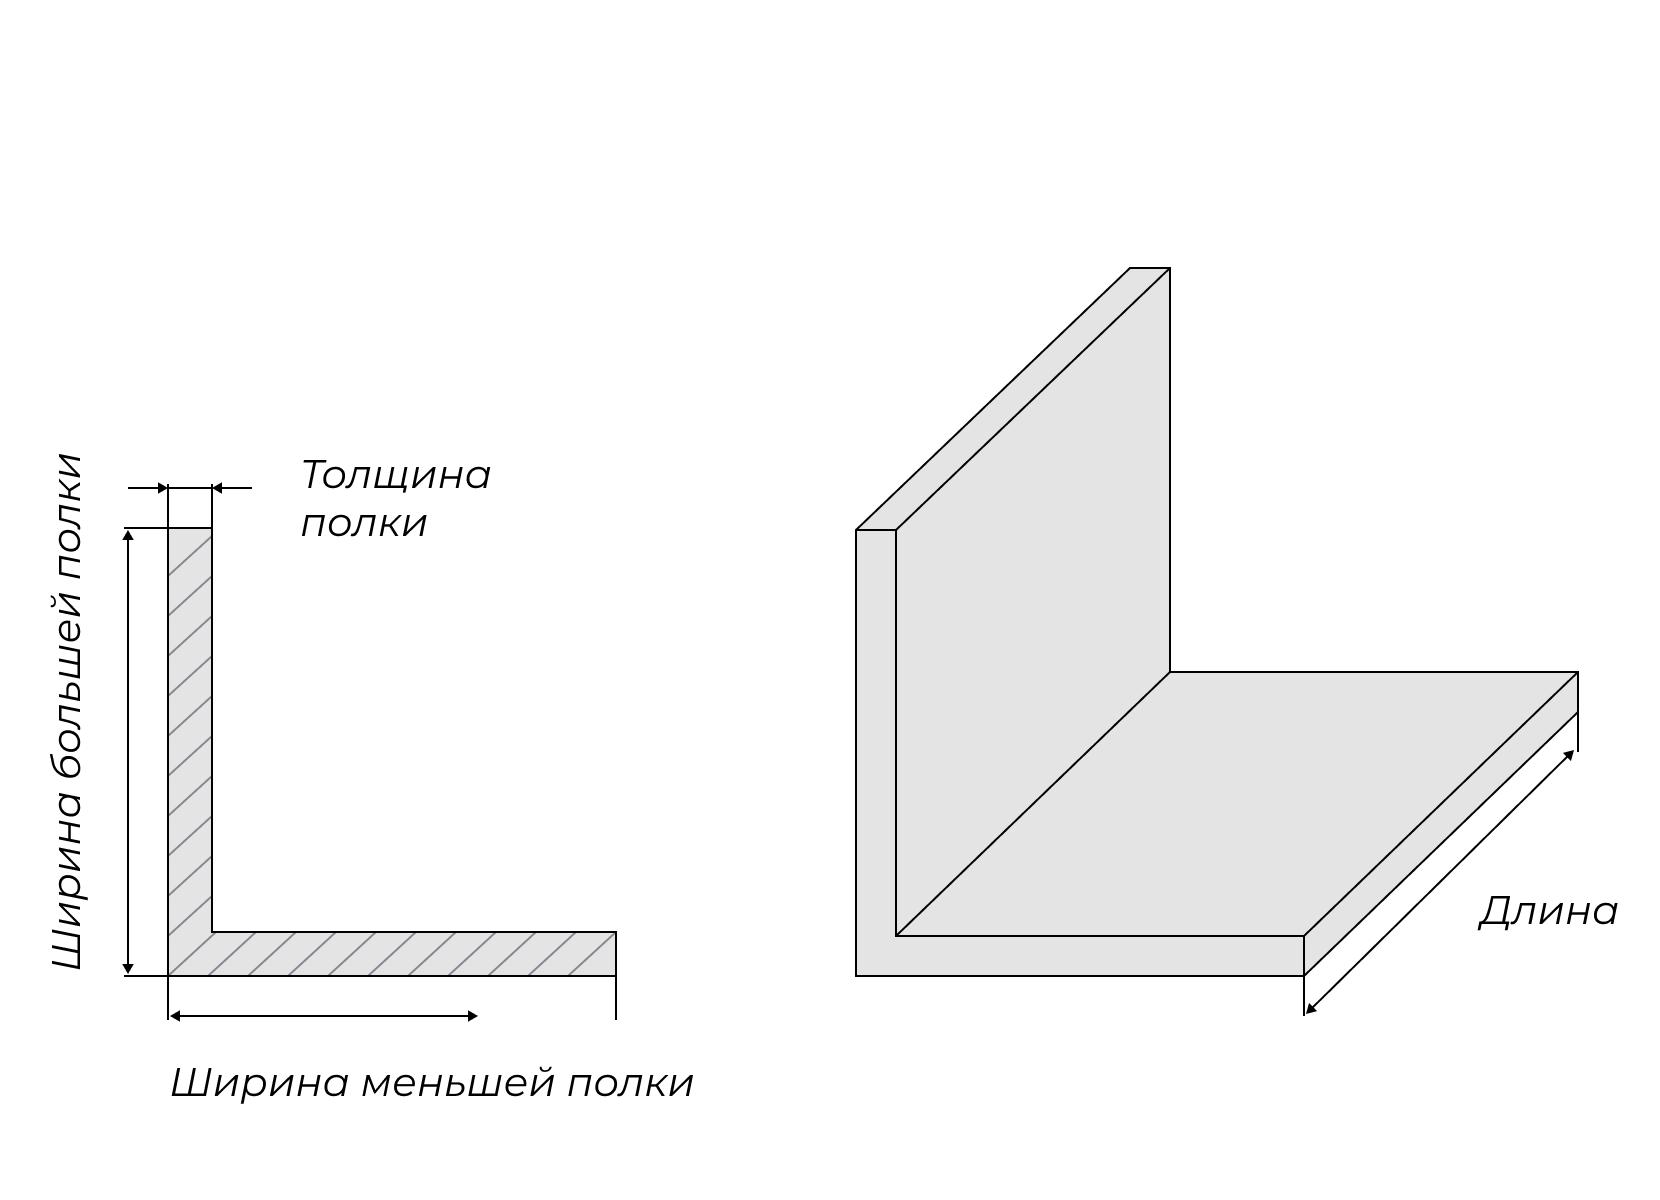 Уголок 90х90х6 Ст3пс/сп 12000